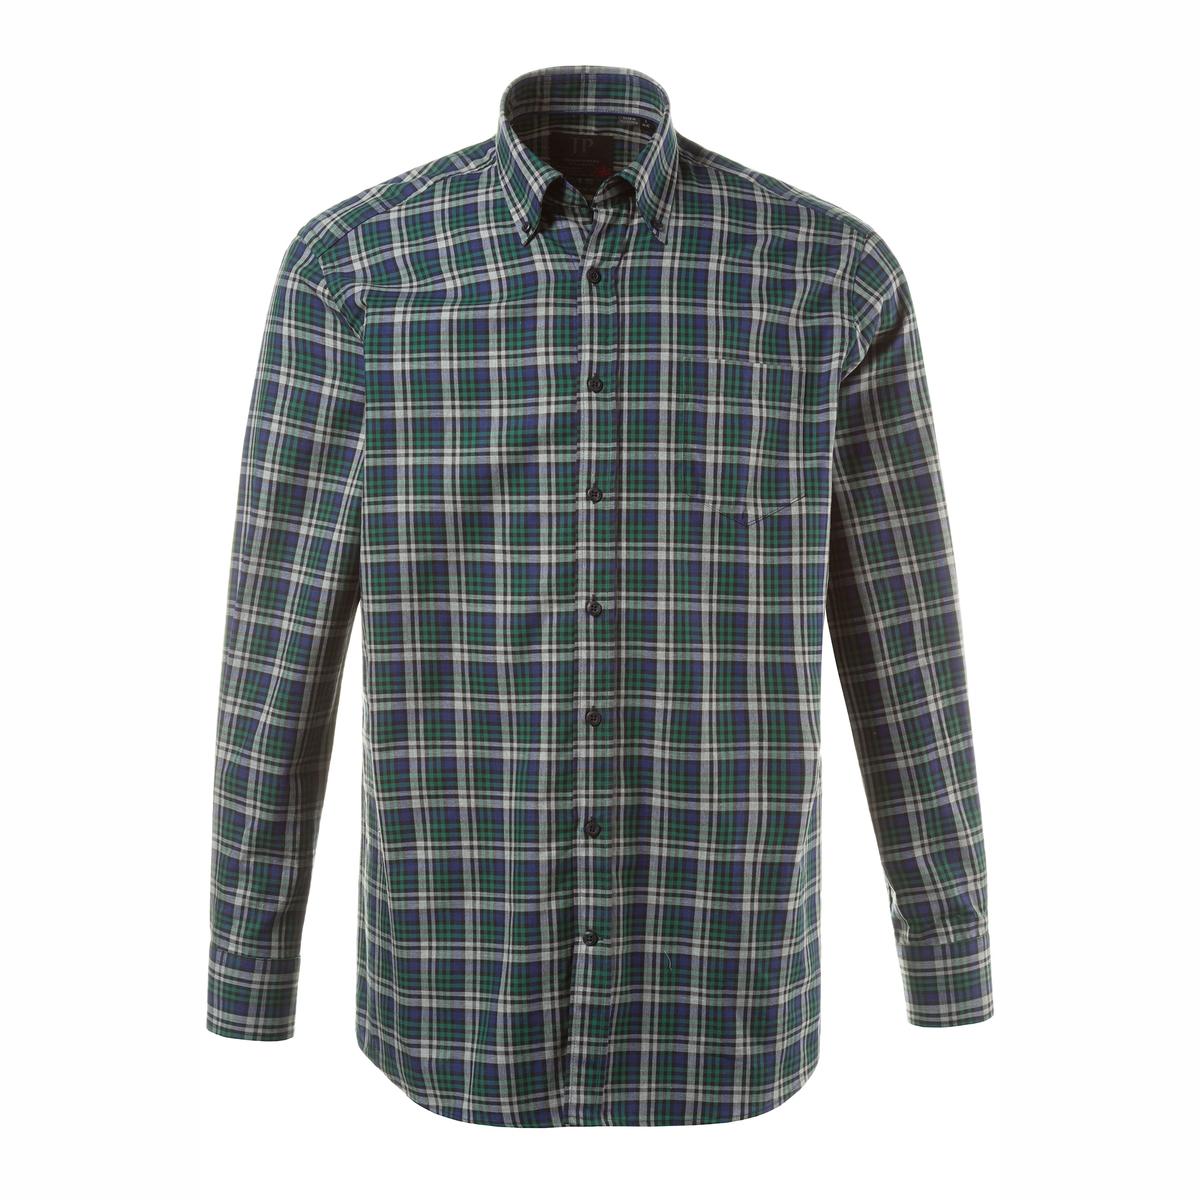 Рубашка с длинными рукавамиРубашка с длинными рукавами JP1880. Уголки воротника на пуговицах, нагрудный карман. Удобный покрой. Длина в зависимости от размера ок. 82-96 см. 100% хлопок.<br><br>Цвет: в клетку<br>Размер: 4XL